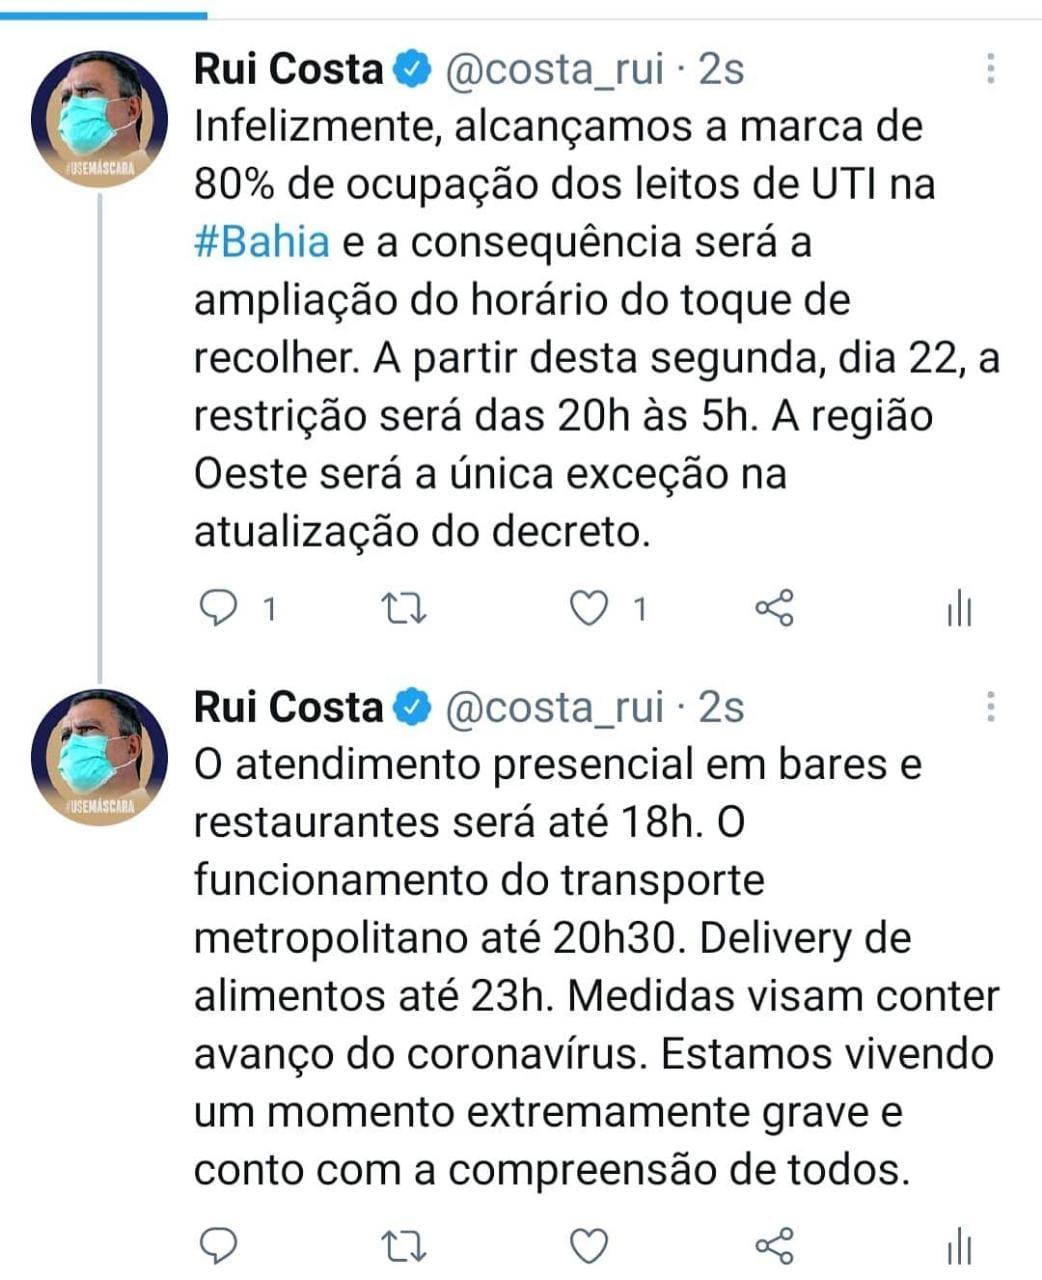 Twitter de Rui Costa: 80% de ocupação das UTI's na Bahia